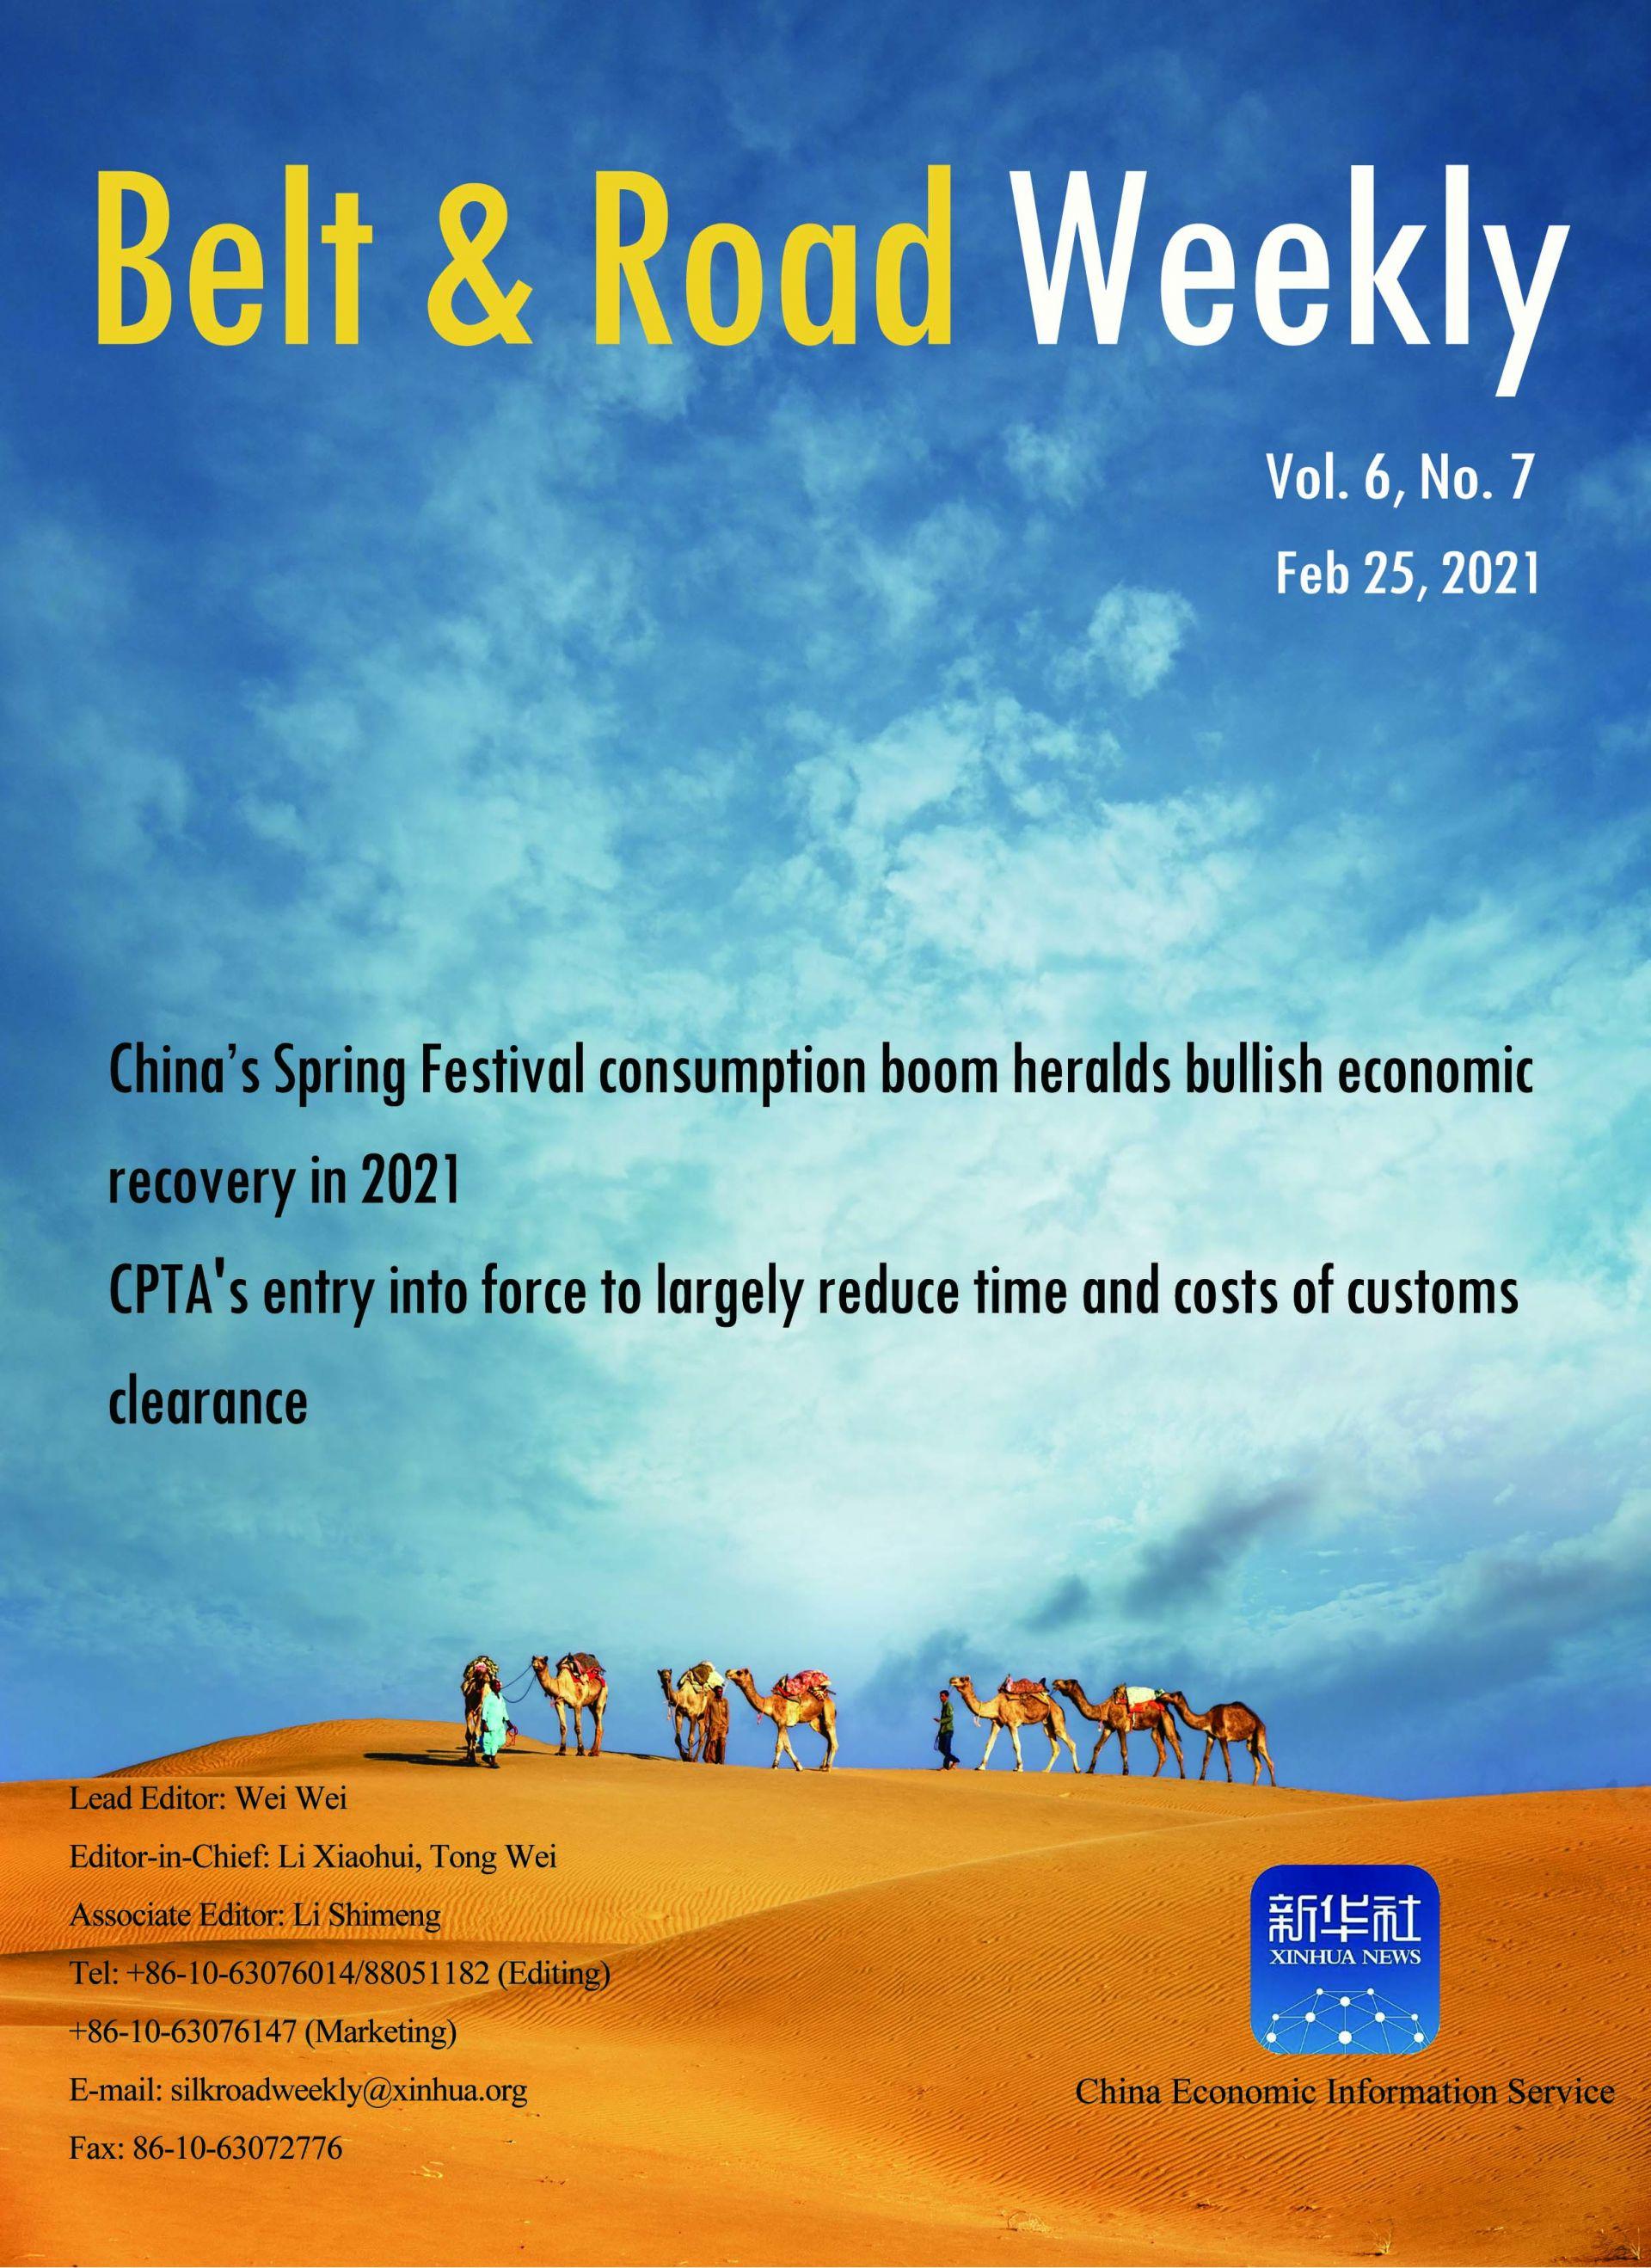 Belt & Road Weekly Vol. 6, No. 7